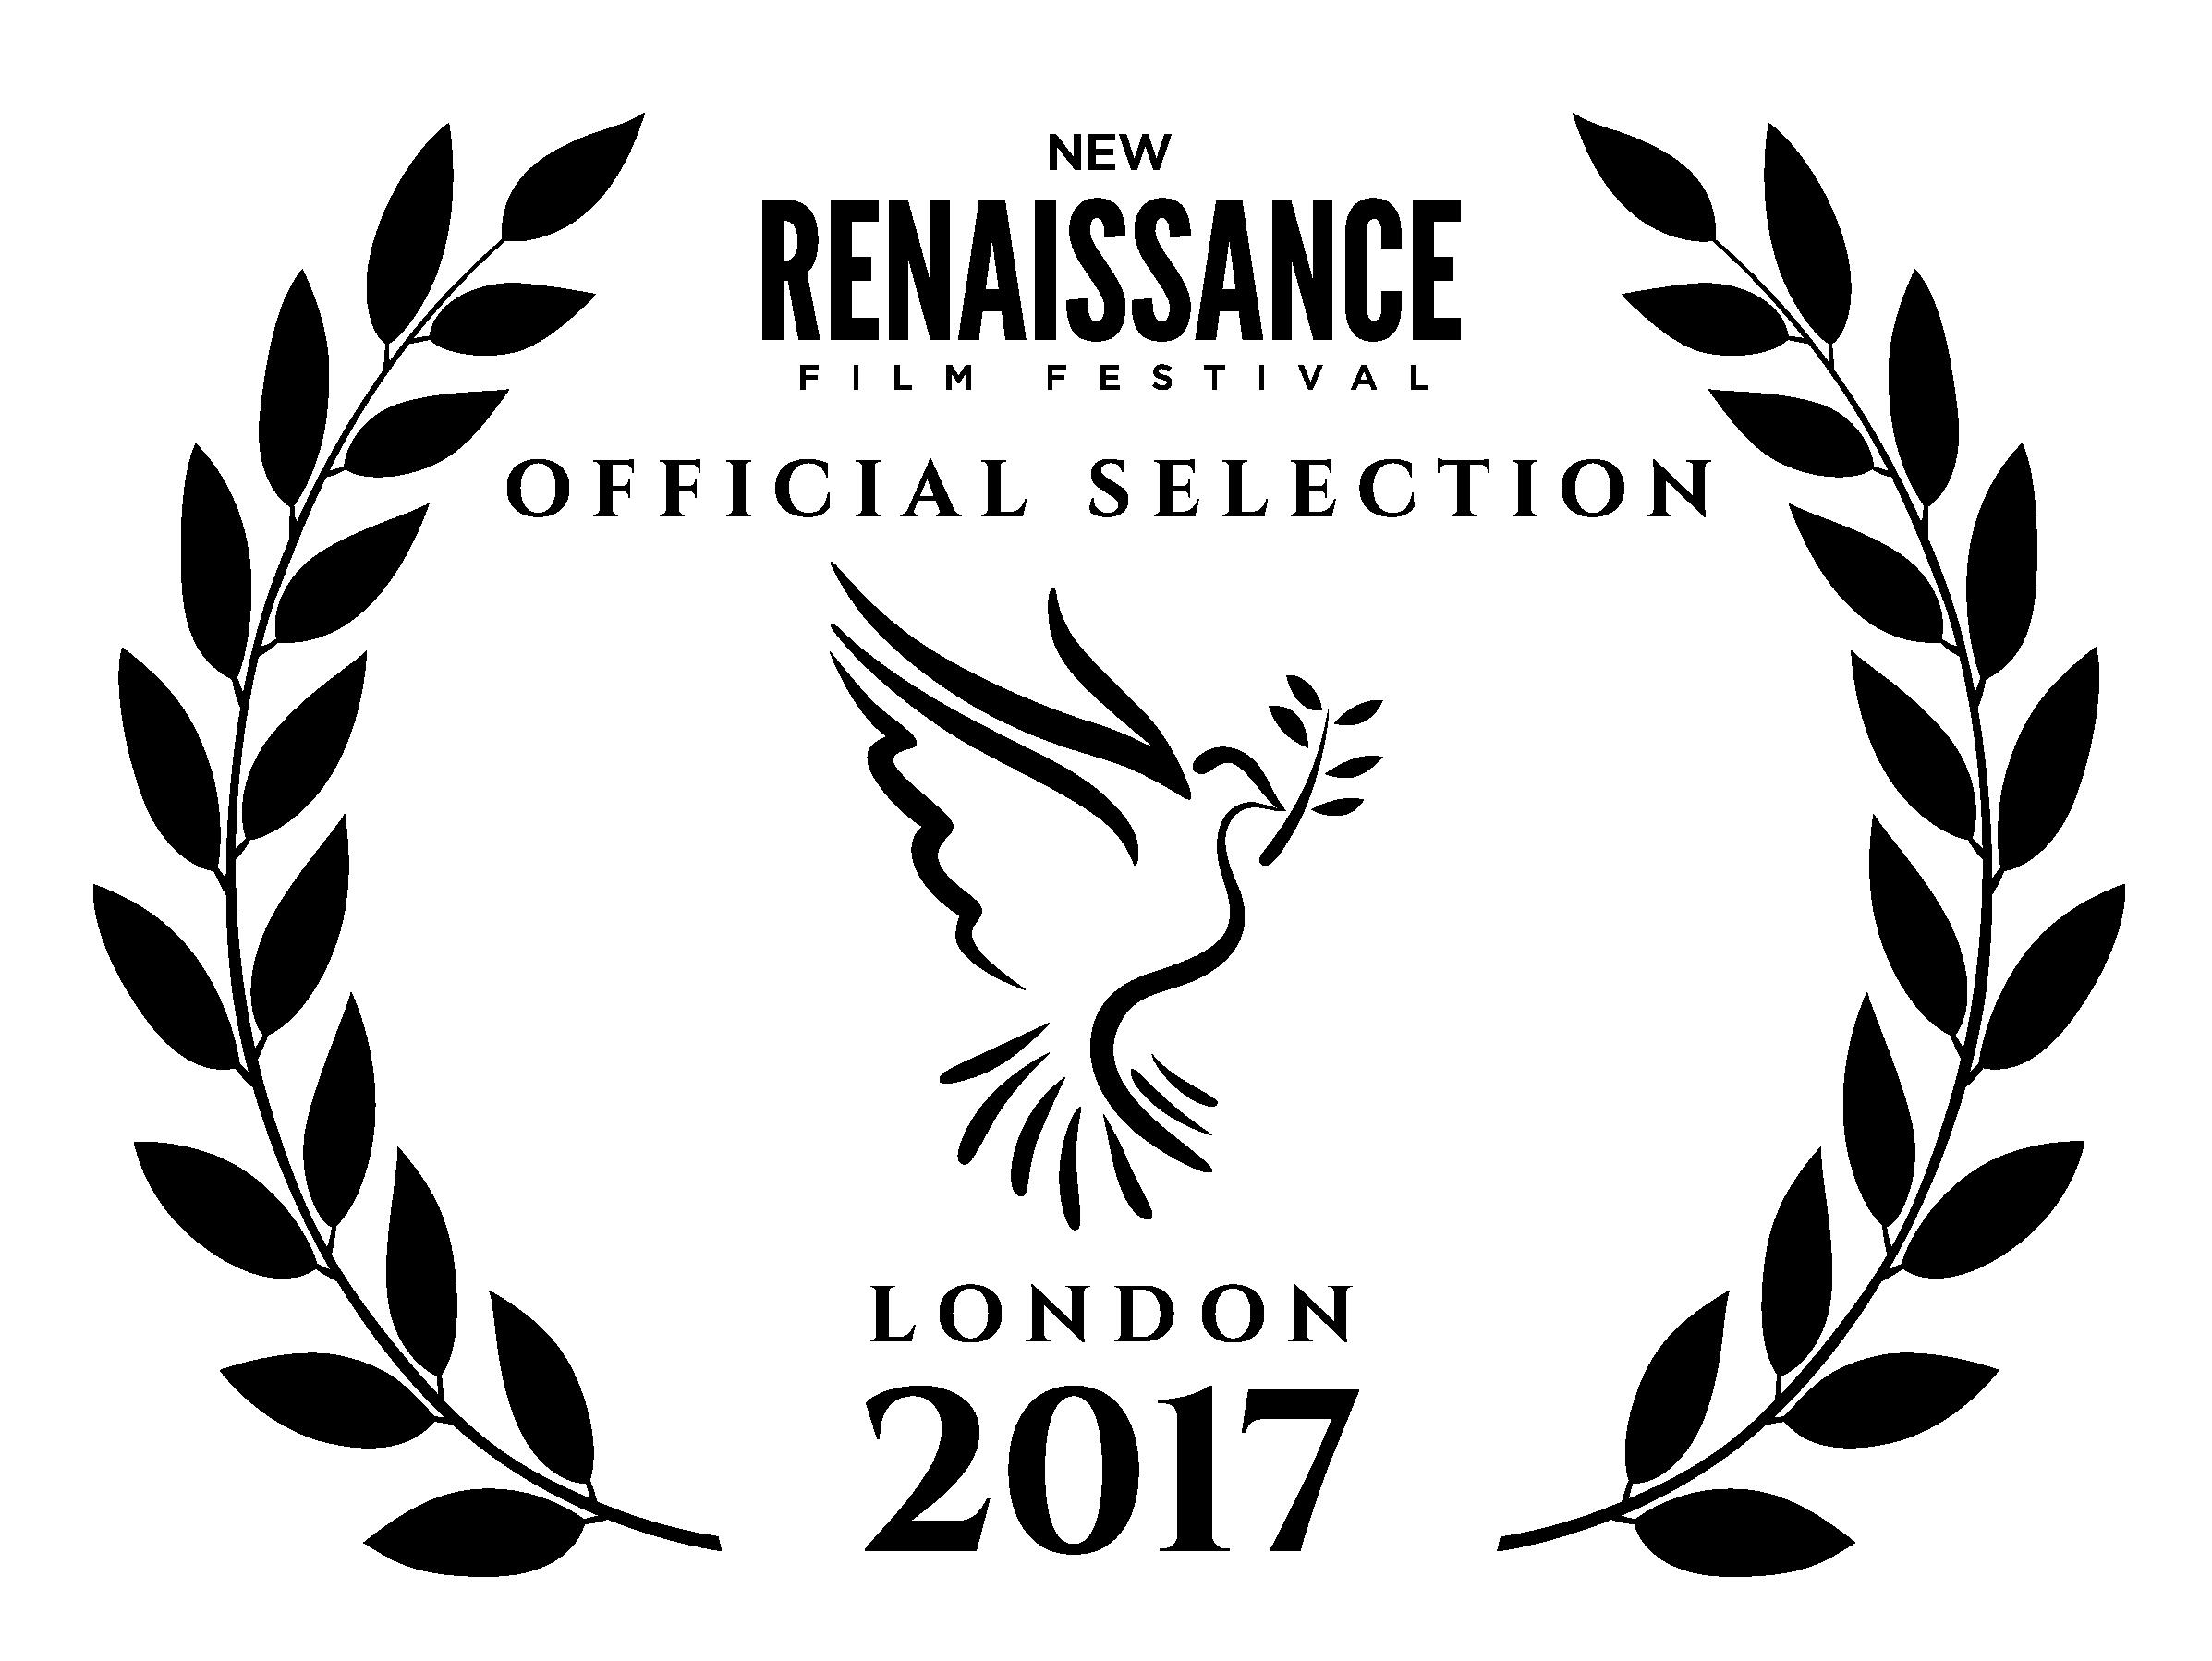 NRFF 2017